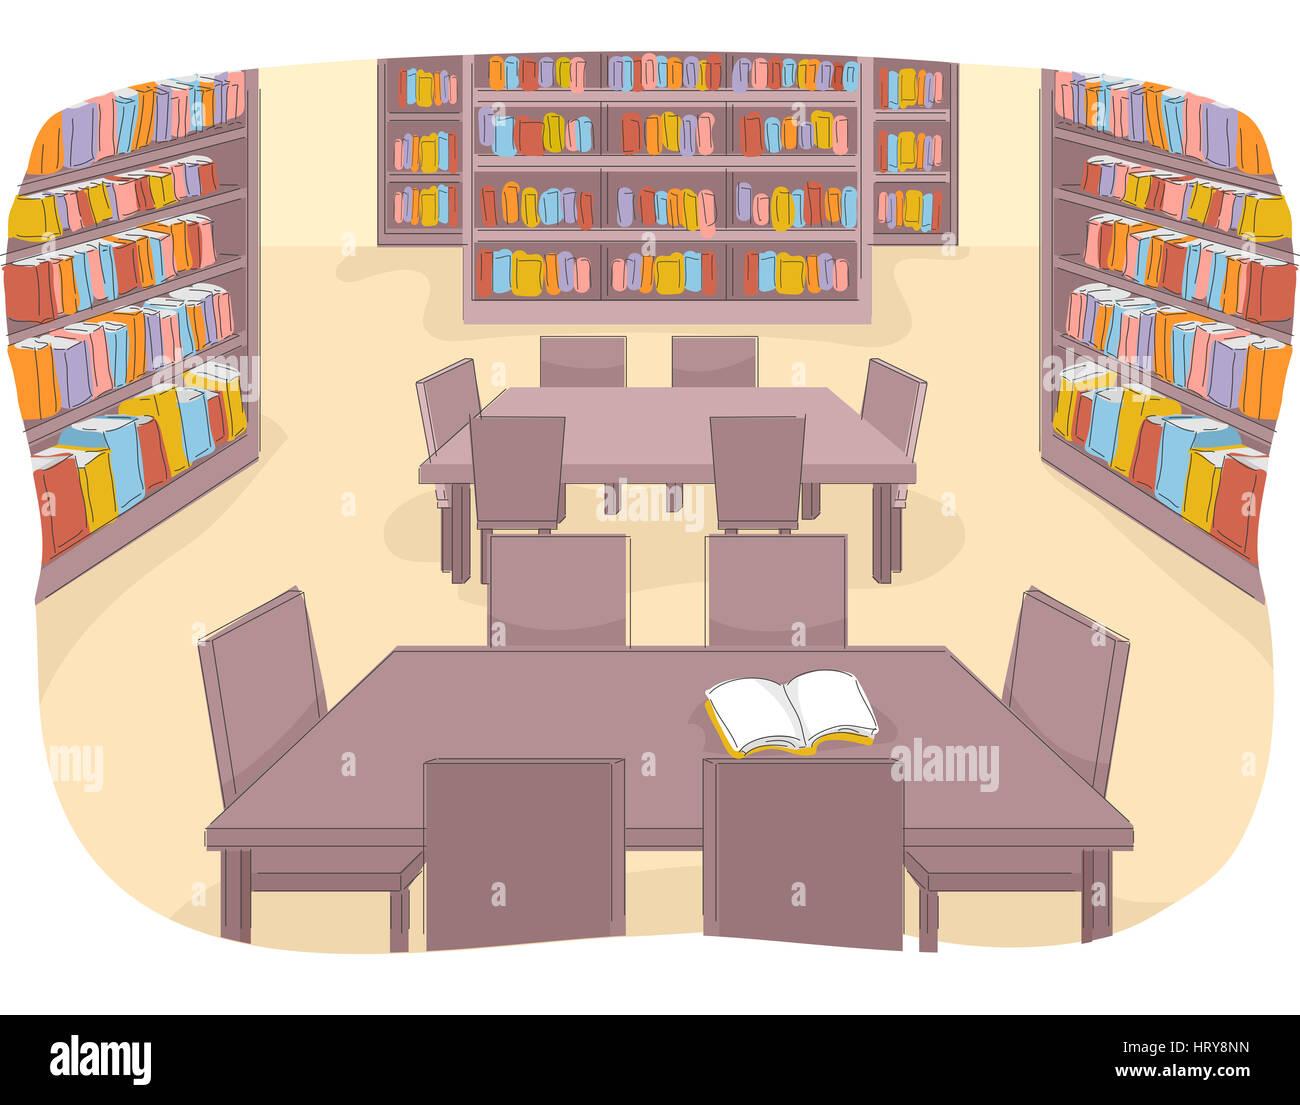 Beispiel Fur Eine Gut Bestuckte Bibliothek Ist Derzeit Nicht Verwendet Wird Stockbild